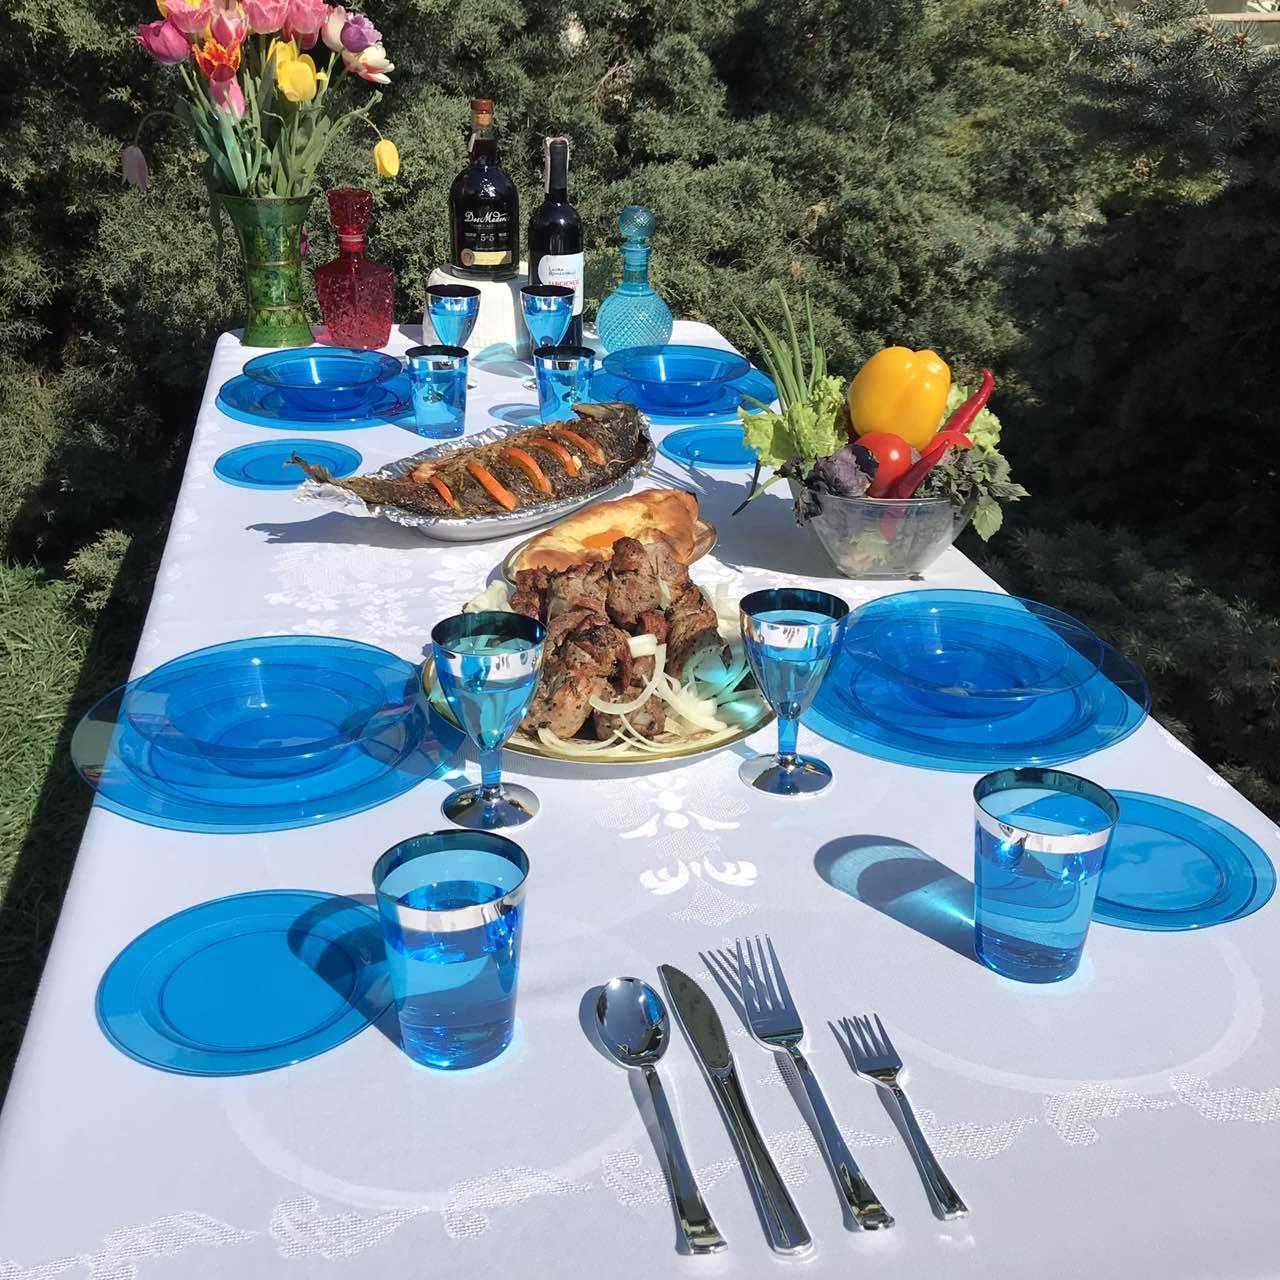 Посуда пластиковая многоразовая плотная для дач. Полная сервировка стола 90 шт 6 чел